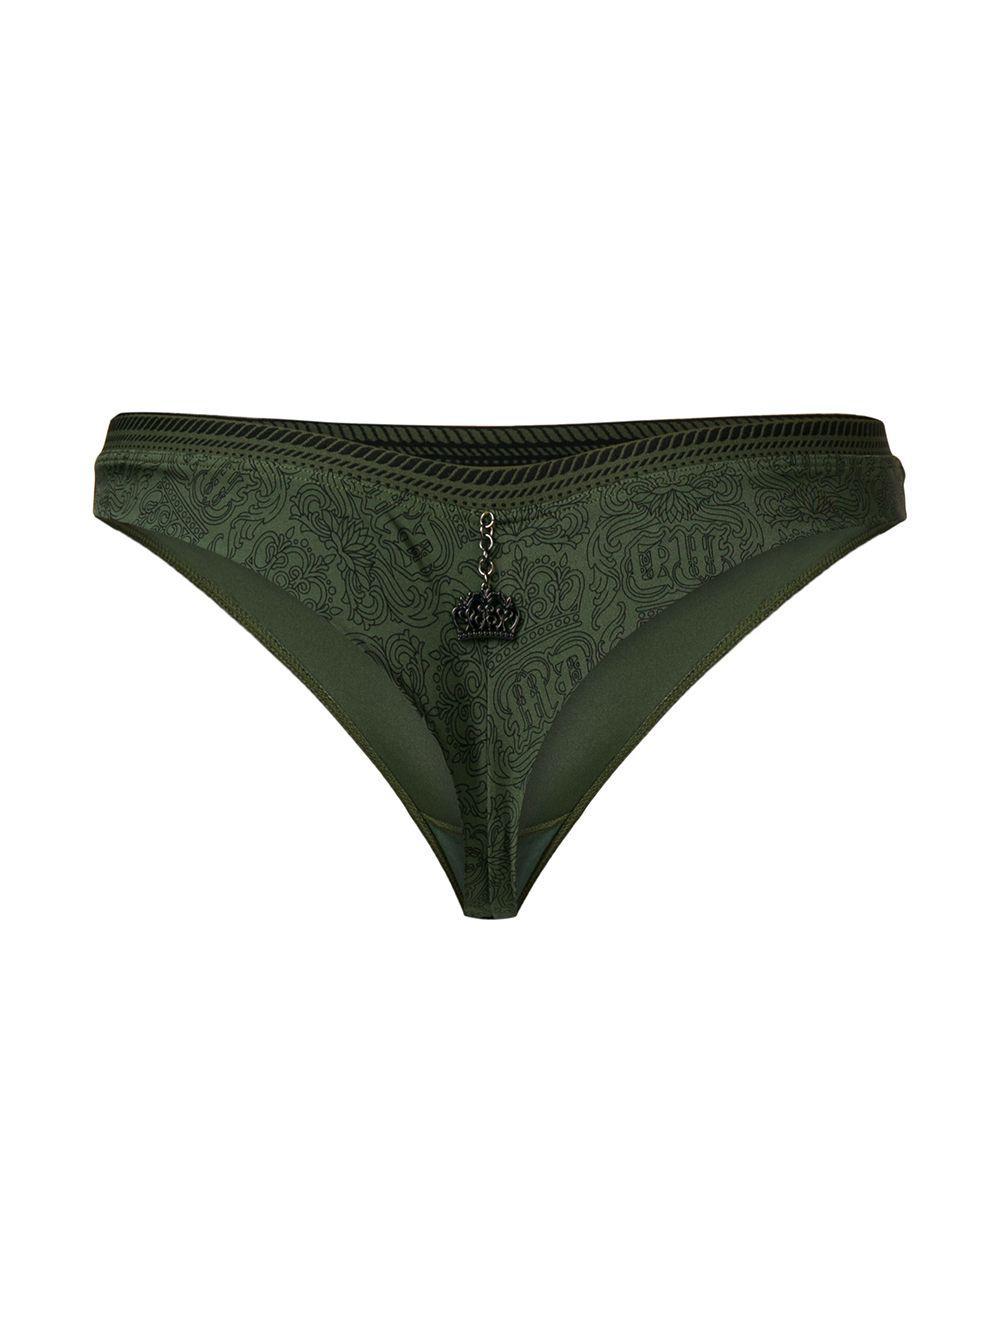 831fd9d142c Lyst - Marlies Dekkers Crown Jewel Butterfly Thong in Green